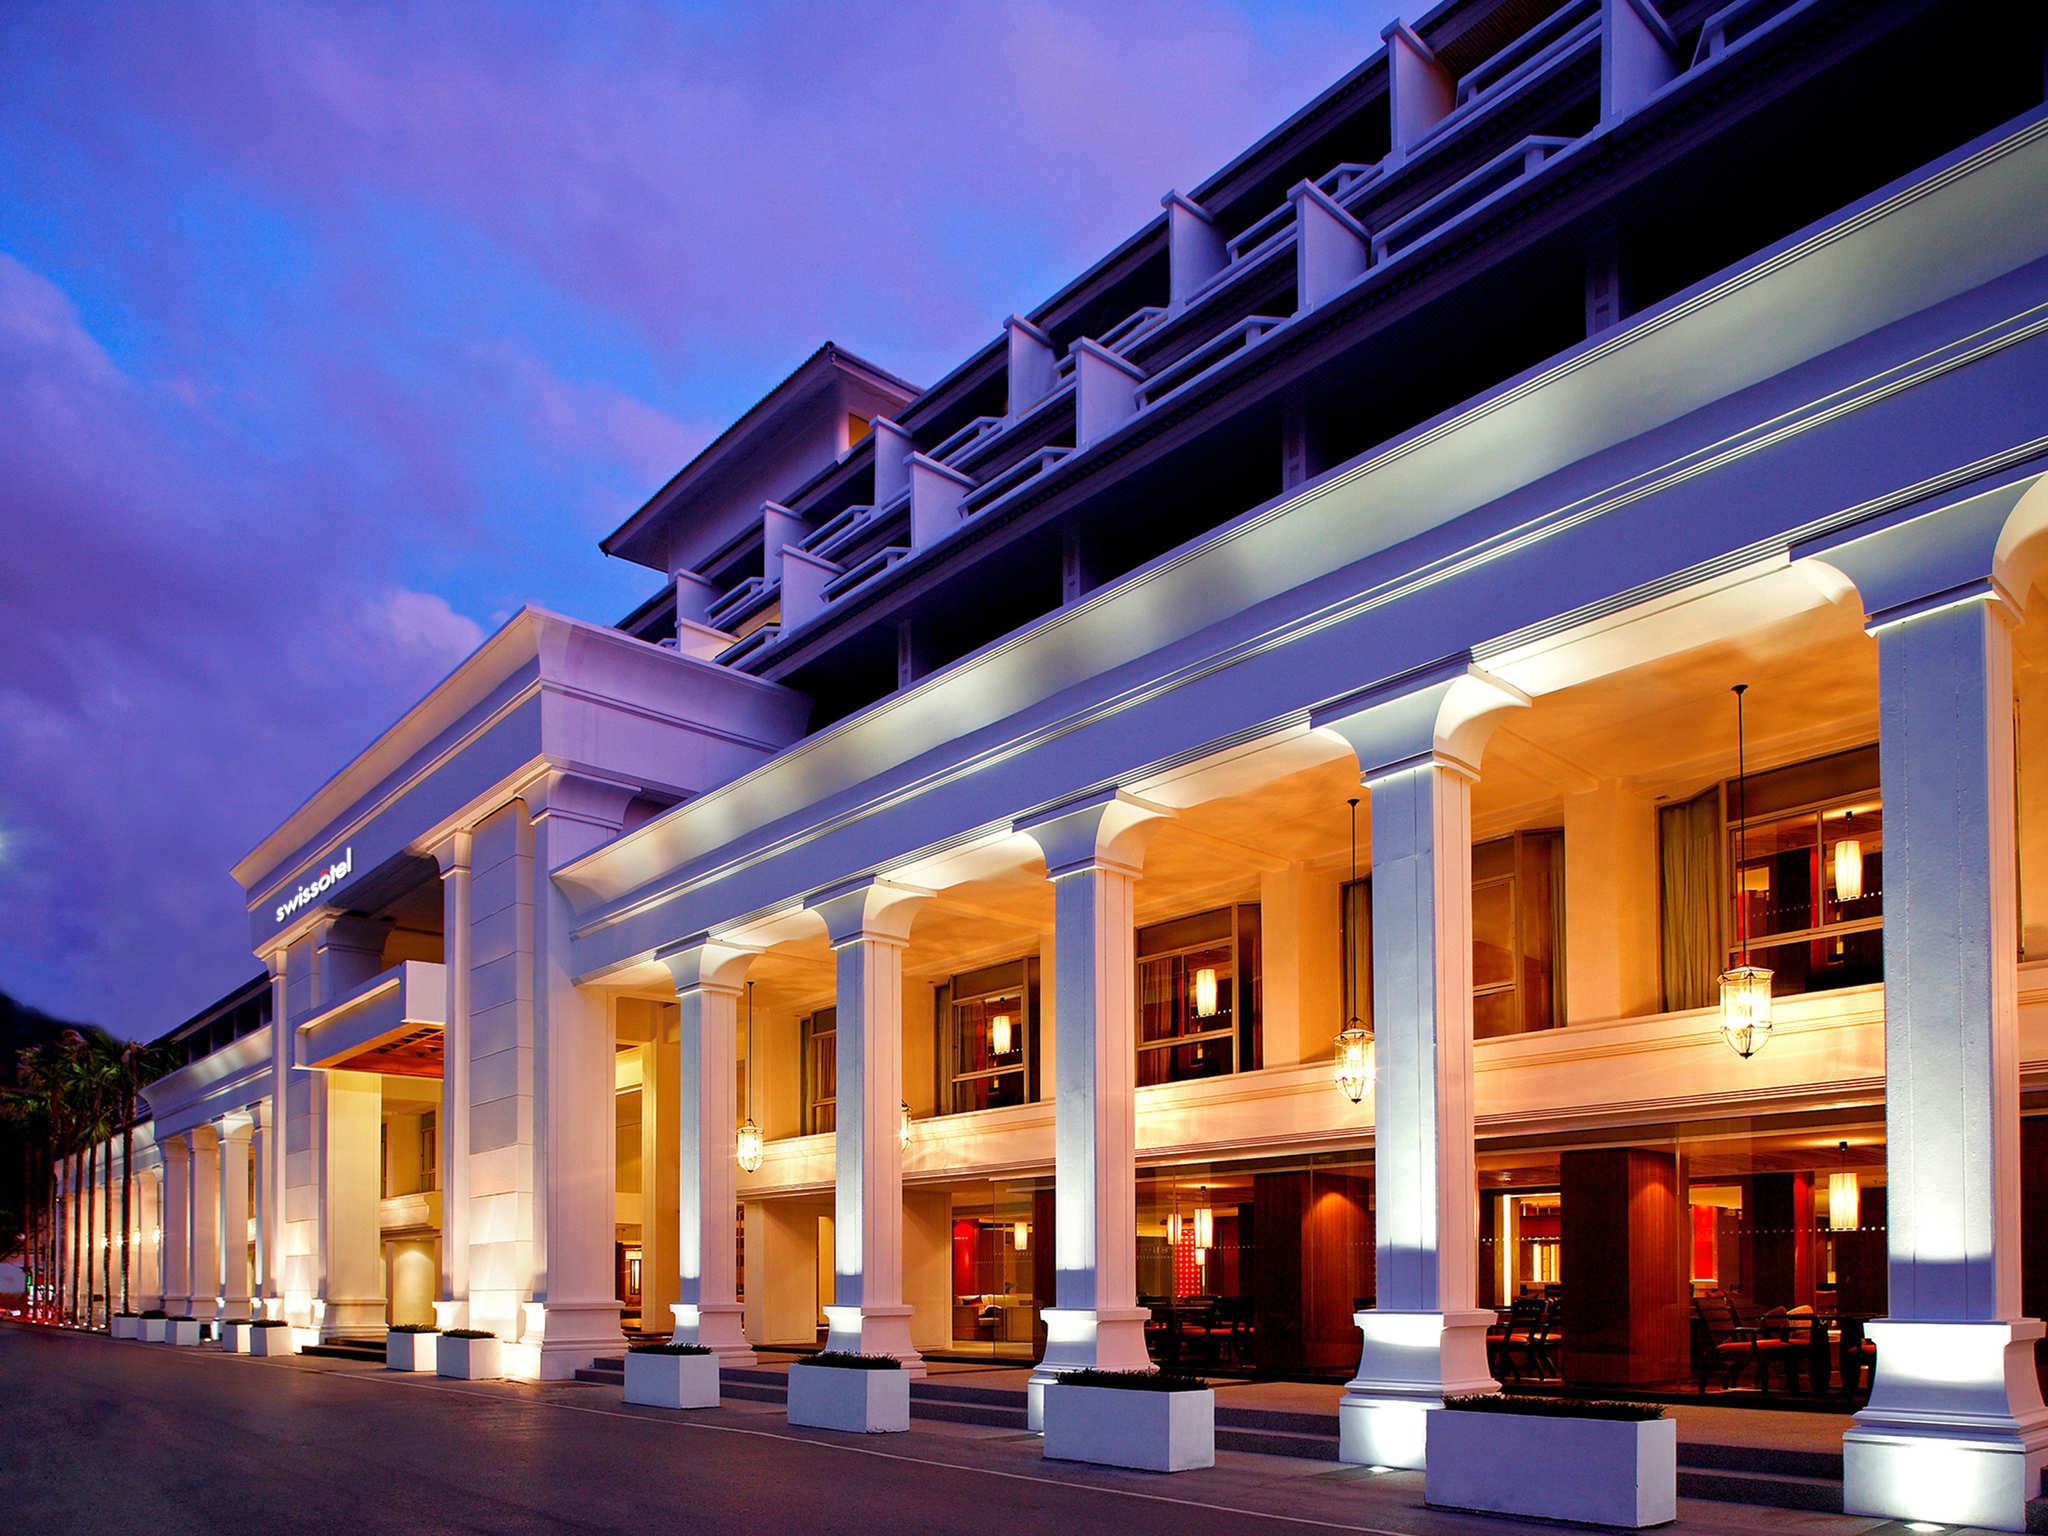 Hotell – Swissôtel Resort Phuket Patong Beach